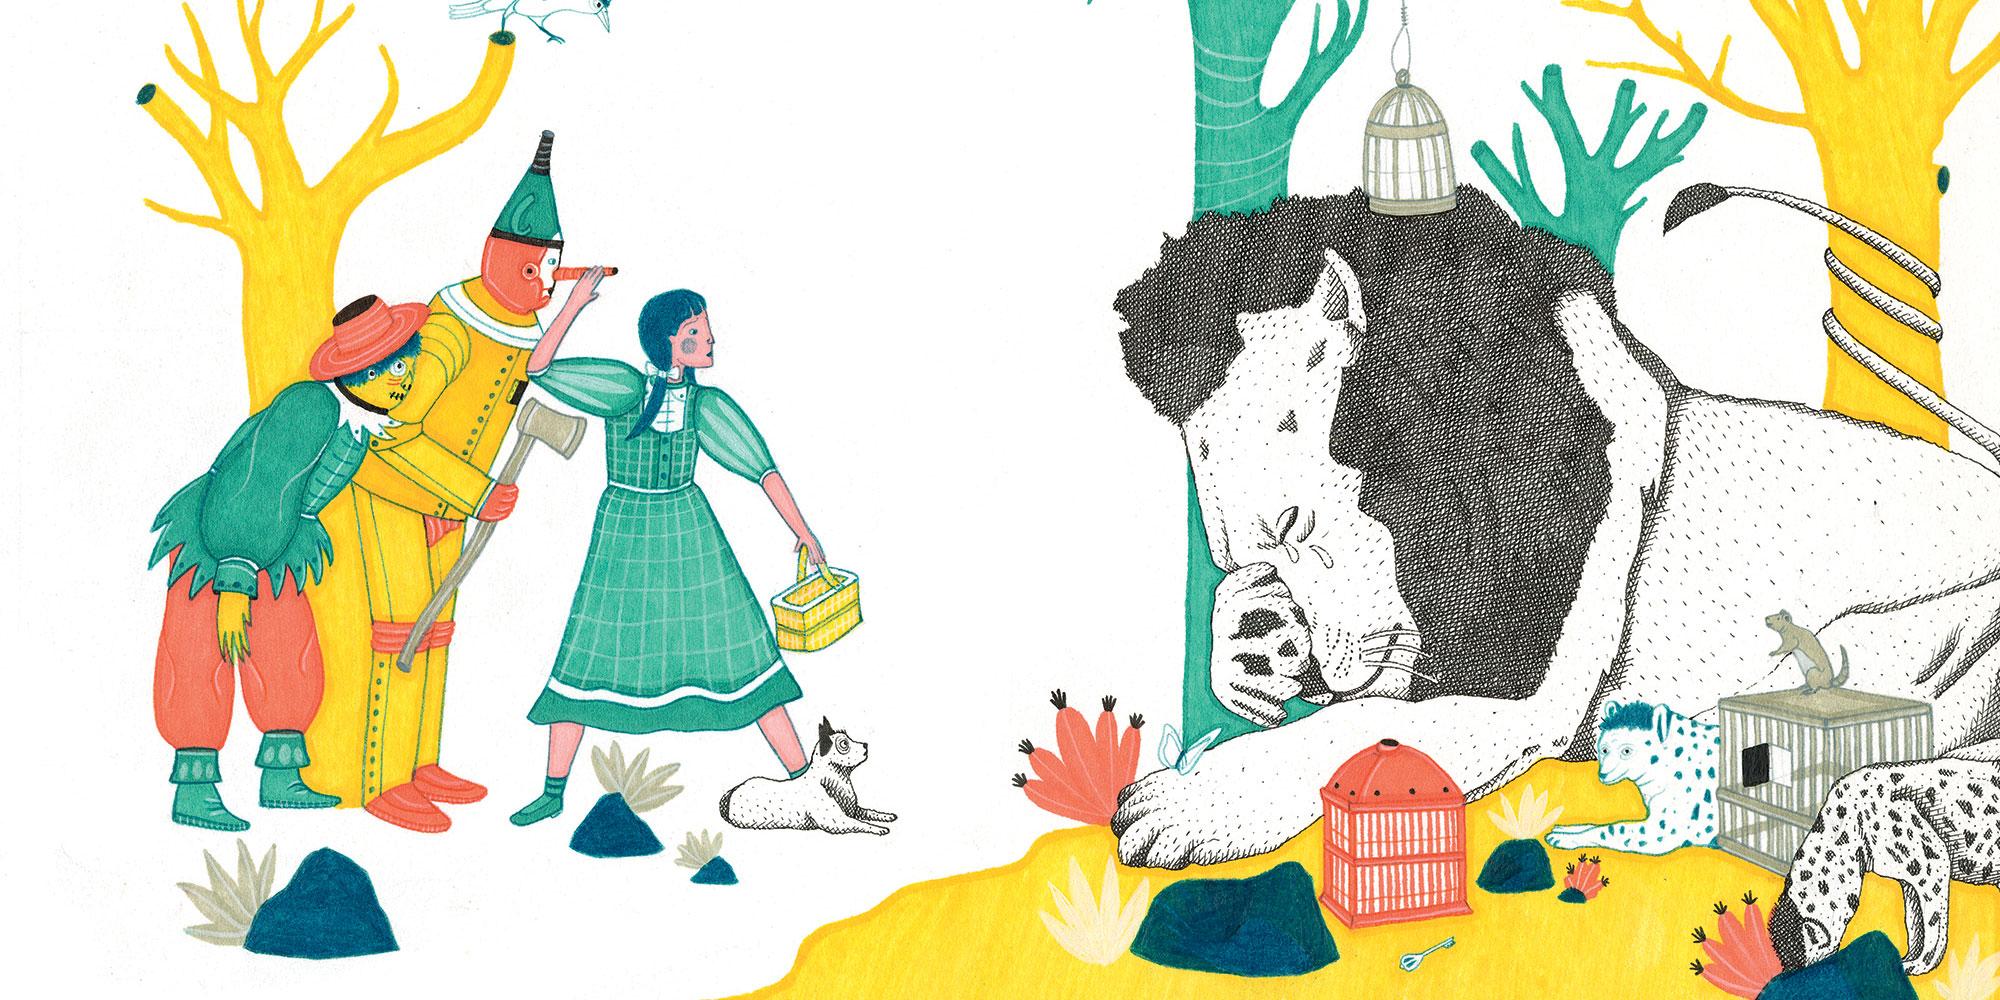 Opera di Chiara Lossani, Il meraviglioso mago di Oz, Arka Edizioni, Milano 2019